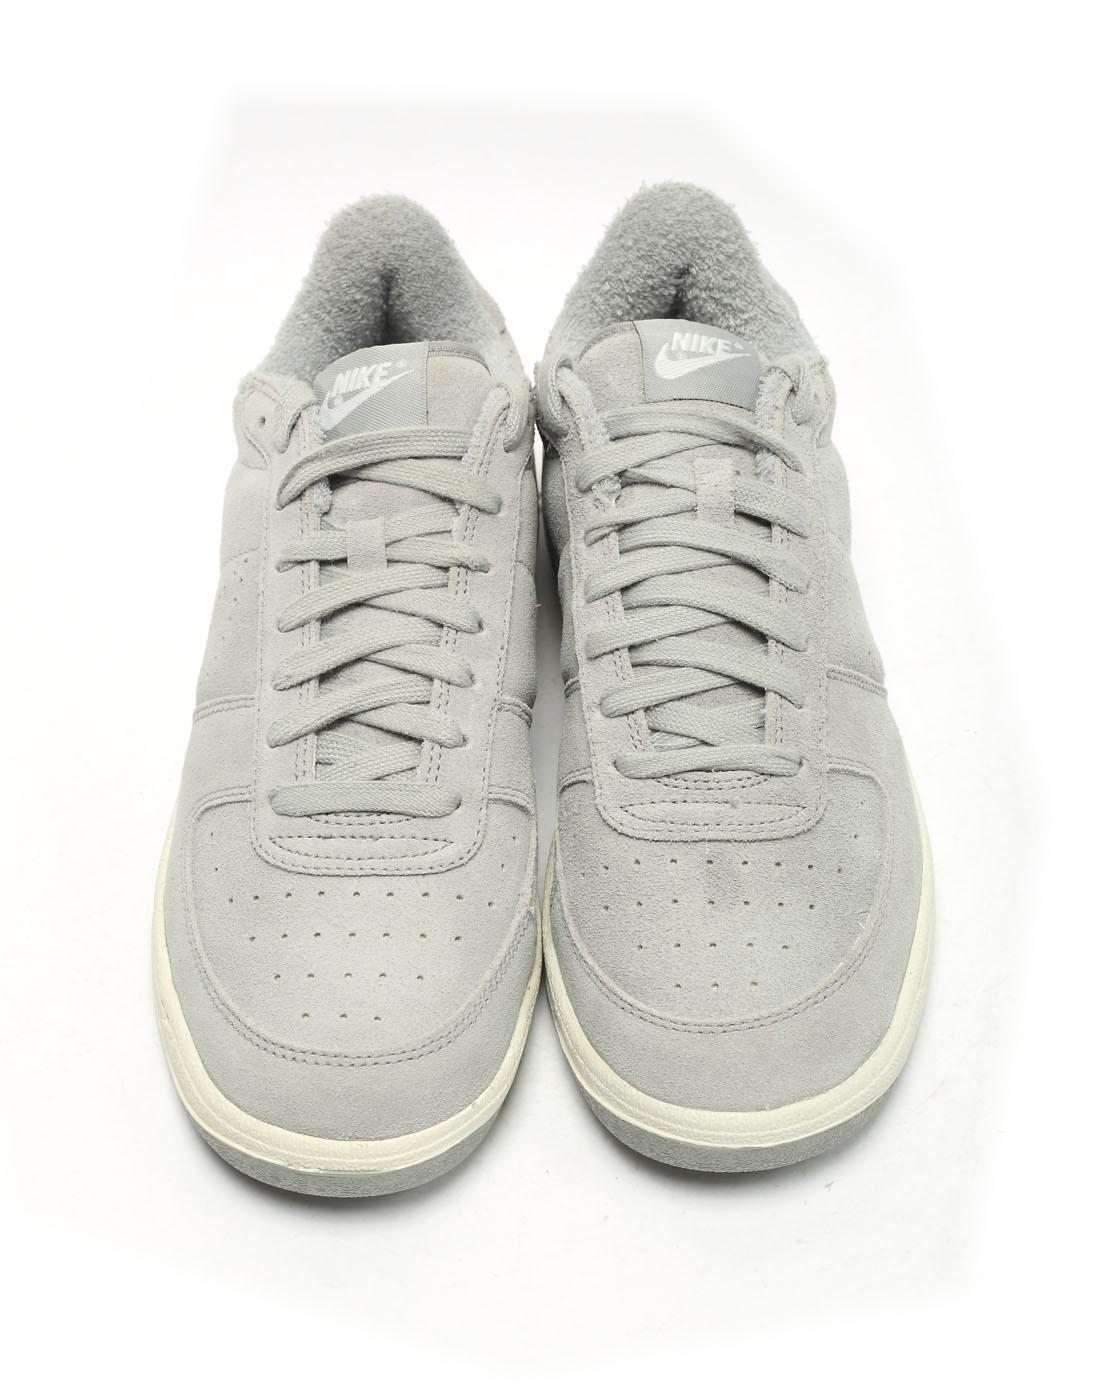 耐克nike男子灰色复古鞋434174-001